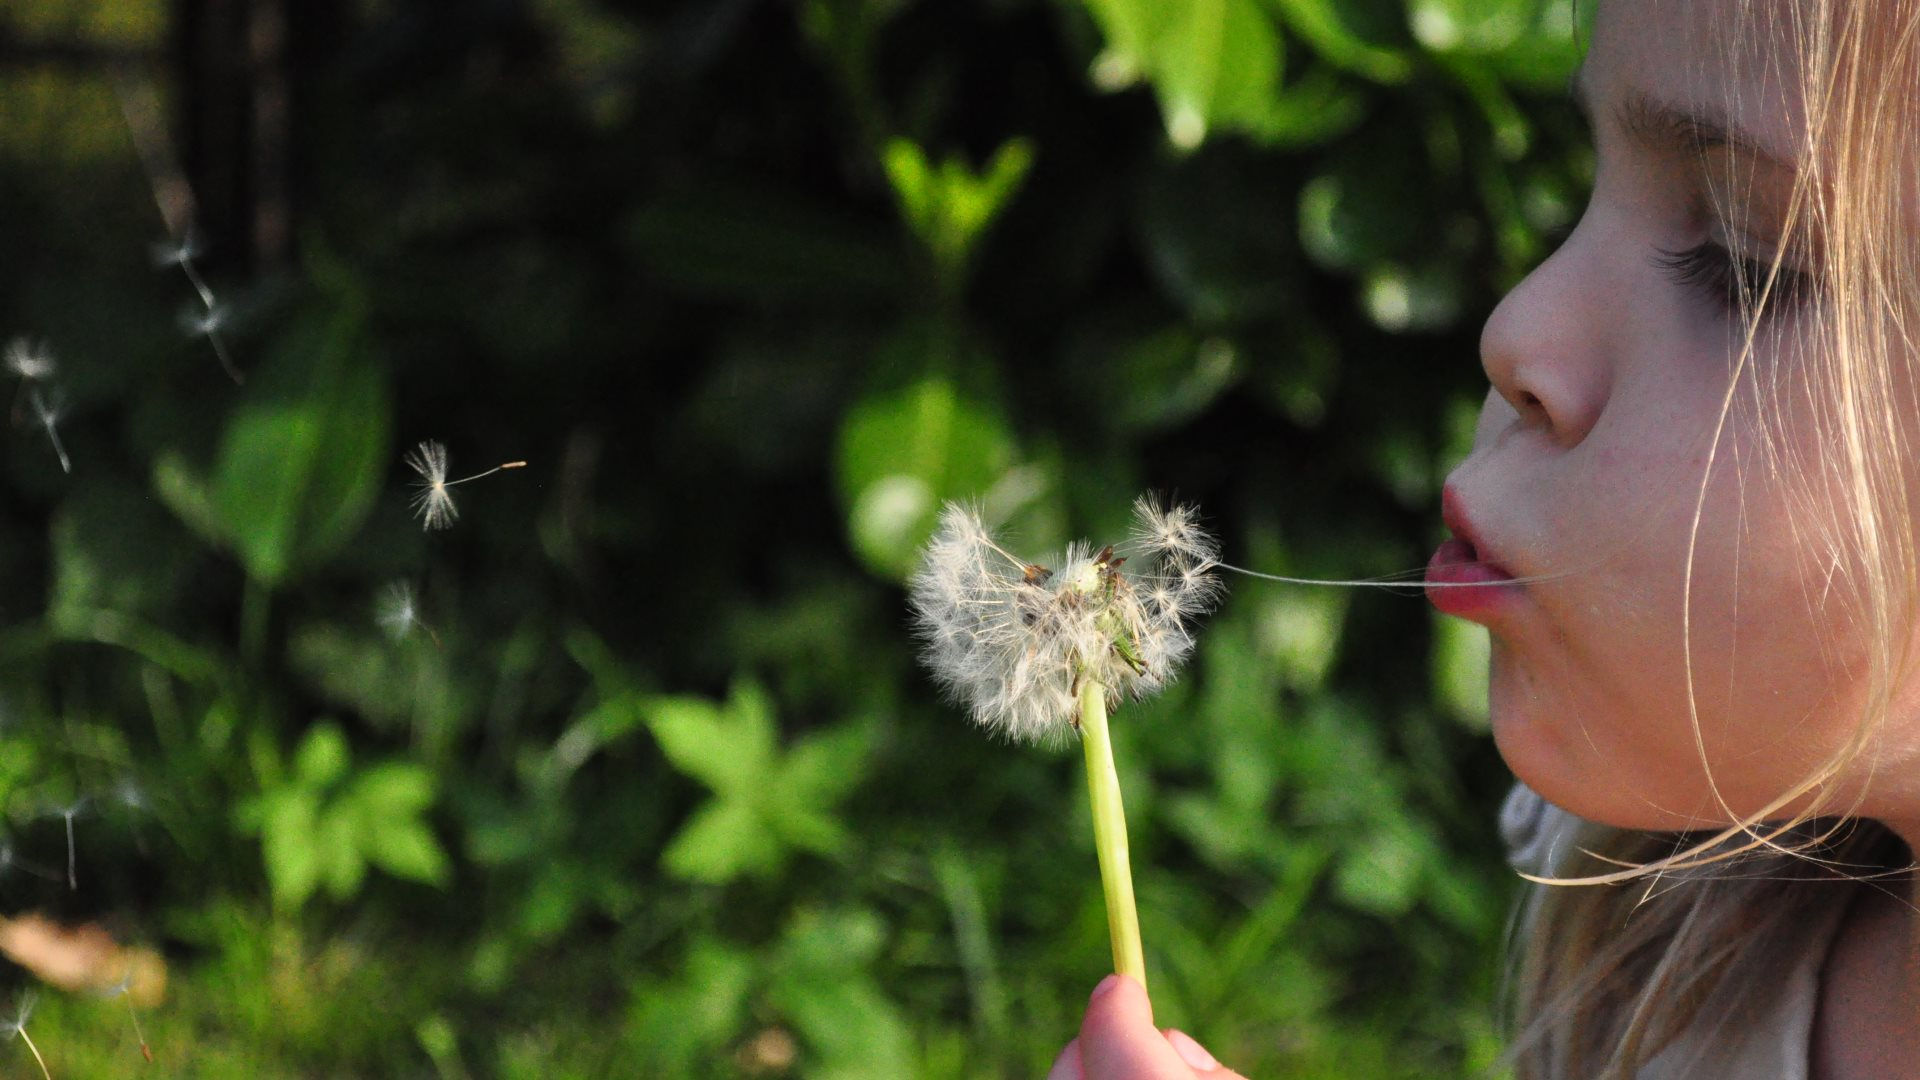 Little Girl Blowing Dandelion HD